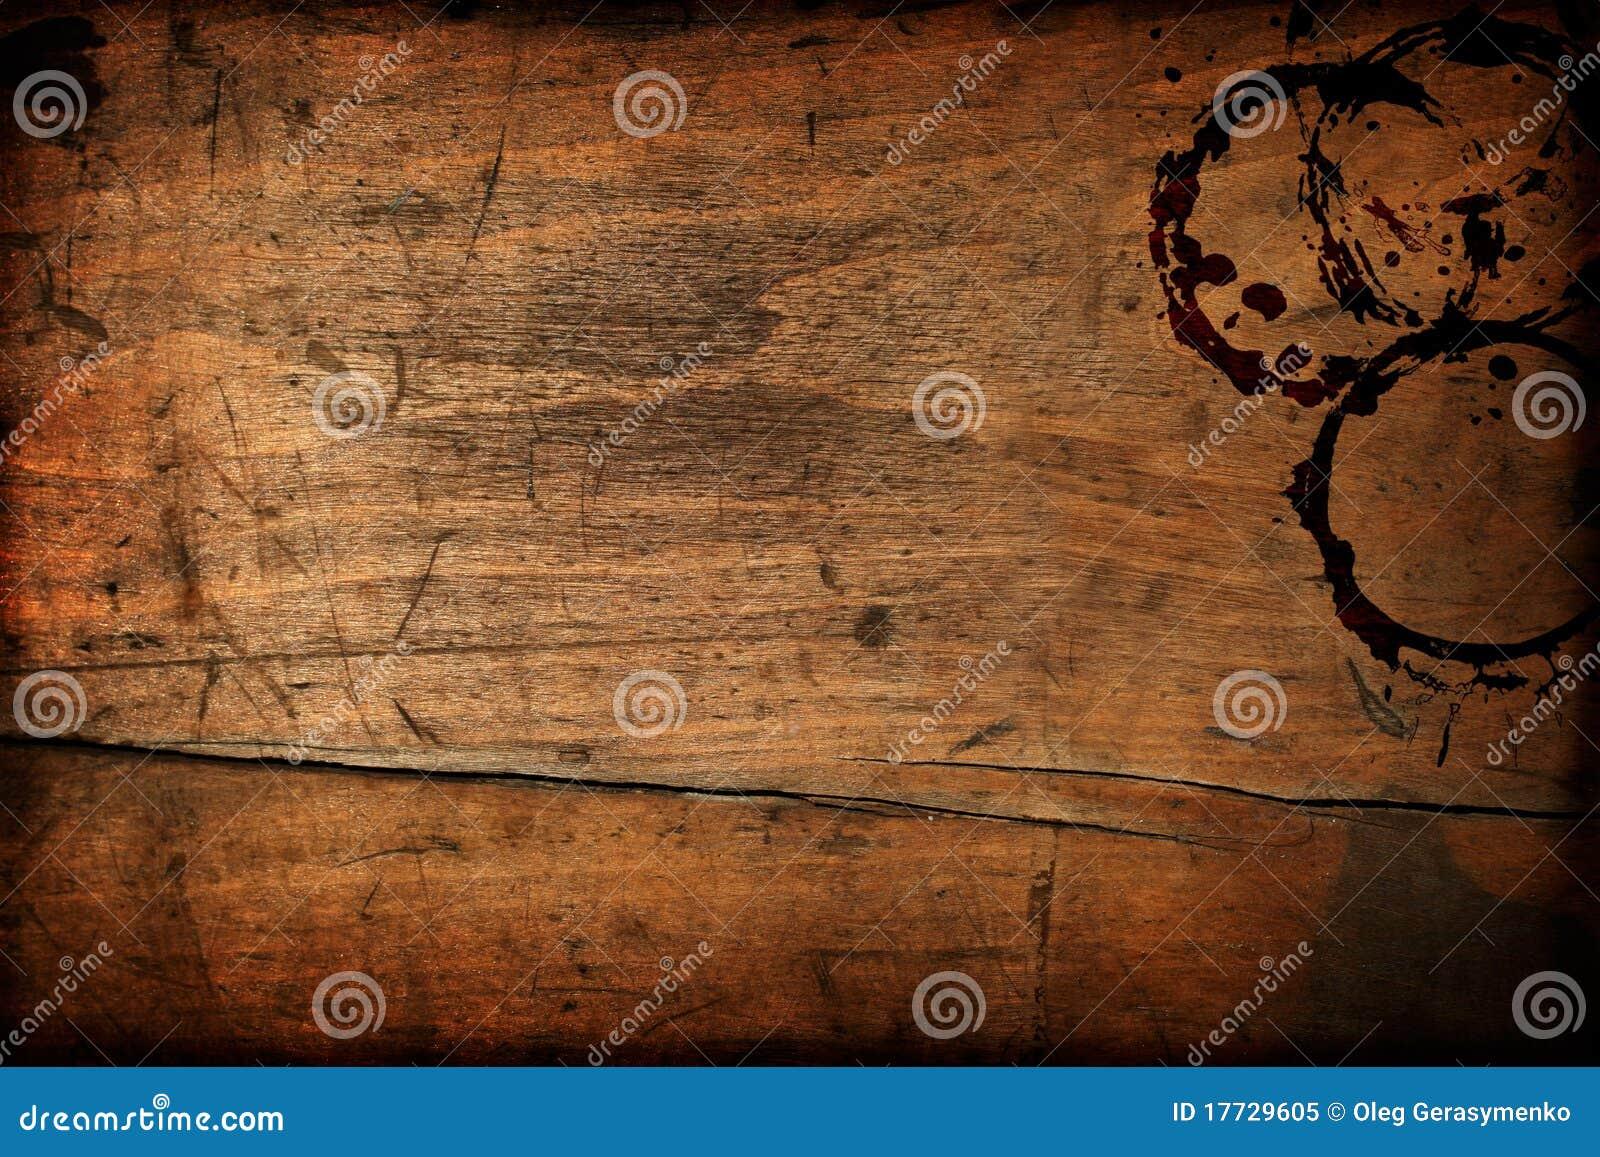 texture en bois de table de cru fonc photo libre de droits image 17729605. Black Bedroom Furniture Sets. Home Design Ideas